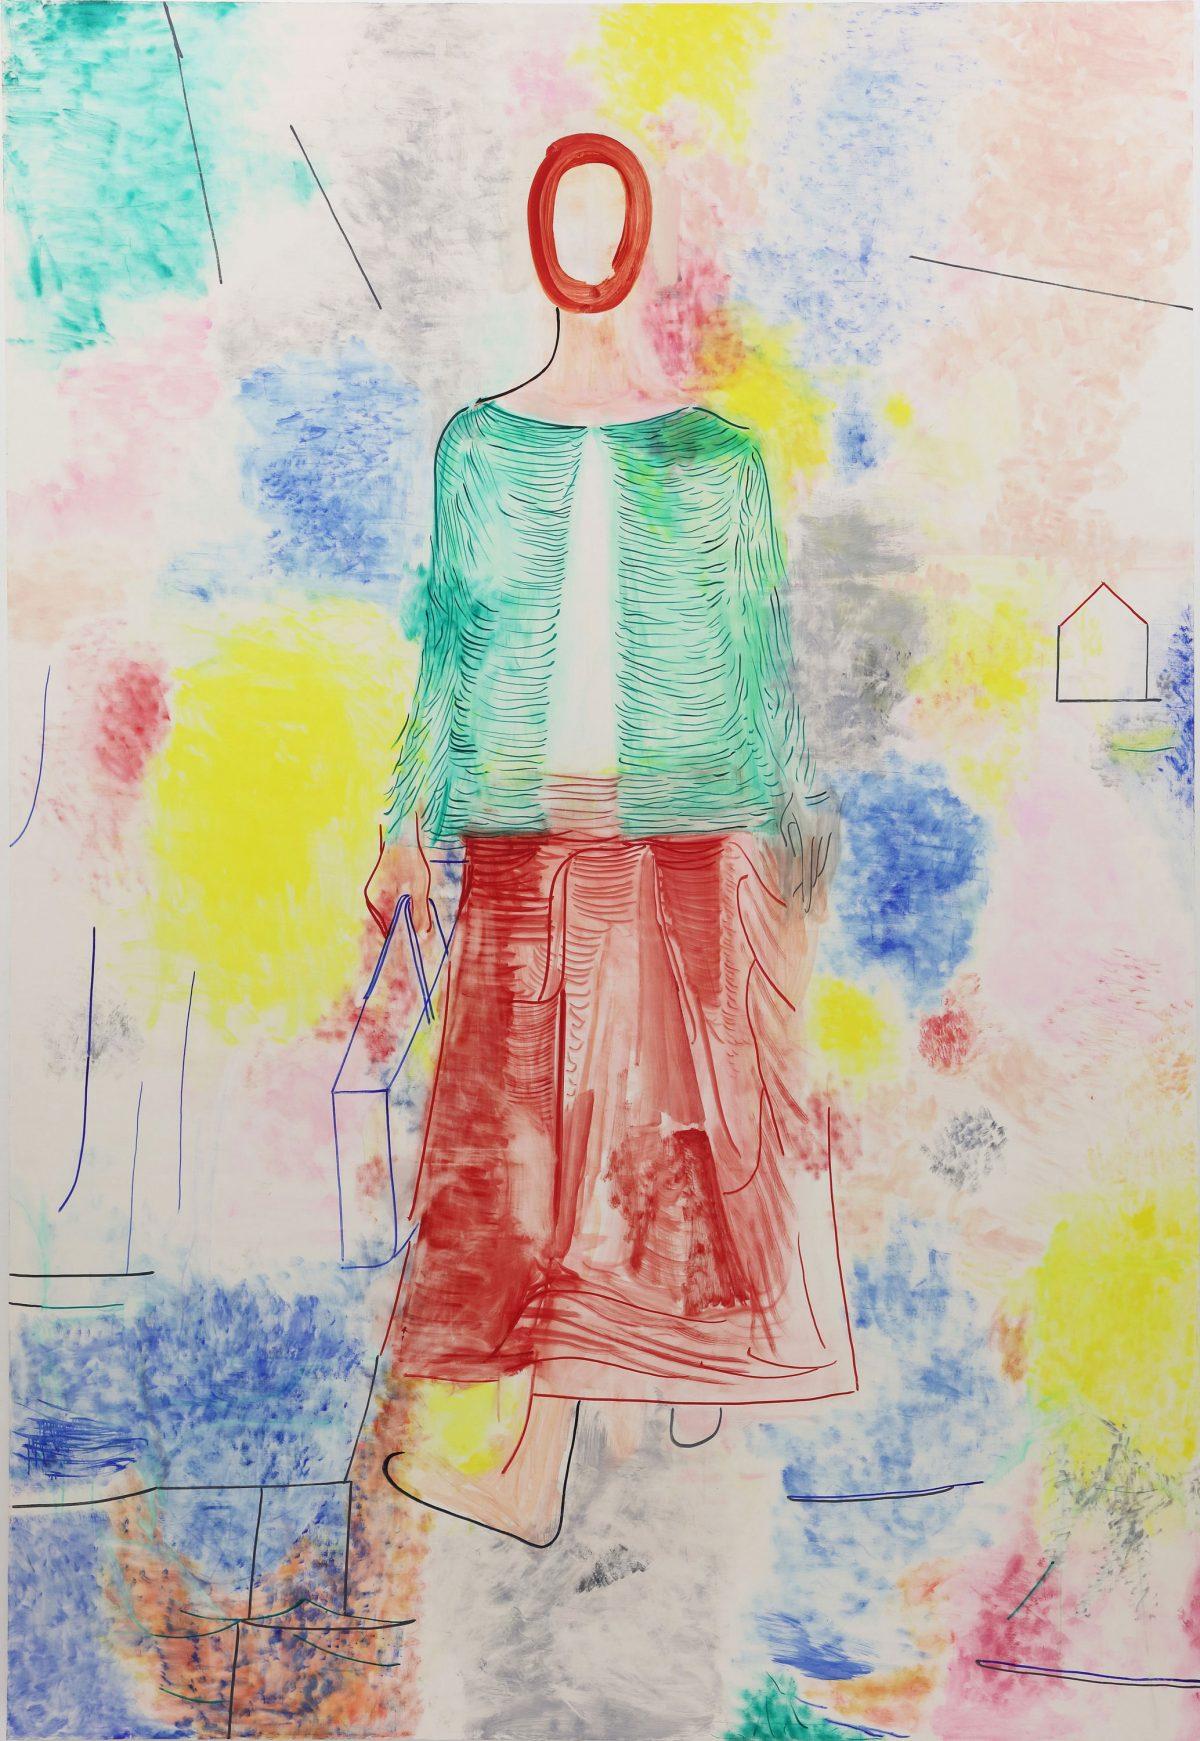 美しき天然<br /> 2019  キャンバスに油彩<br /> 350×240cm  <br /> ©O JUN, Courtesy of Mizuma Art Gallery<br /> 撮影:宮島径